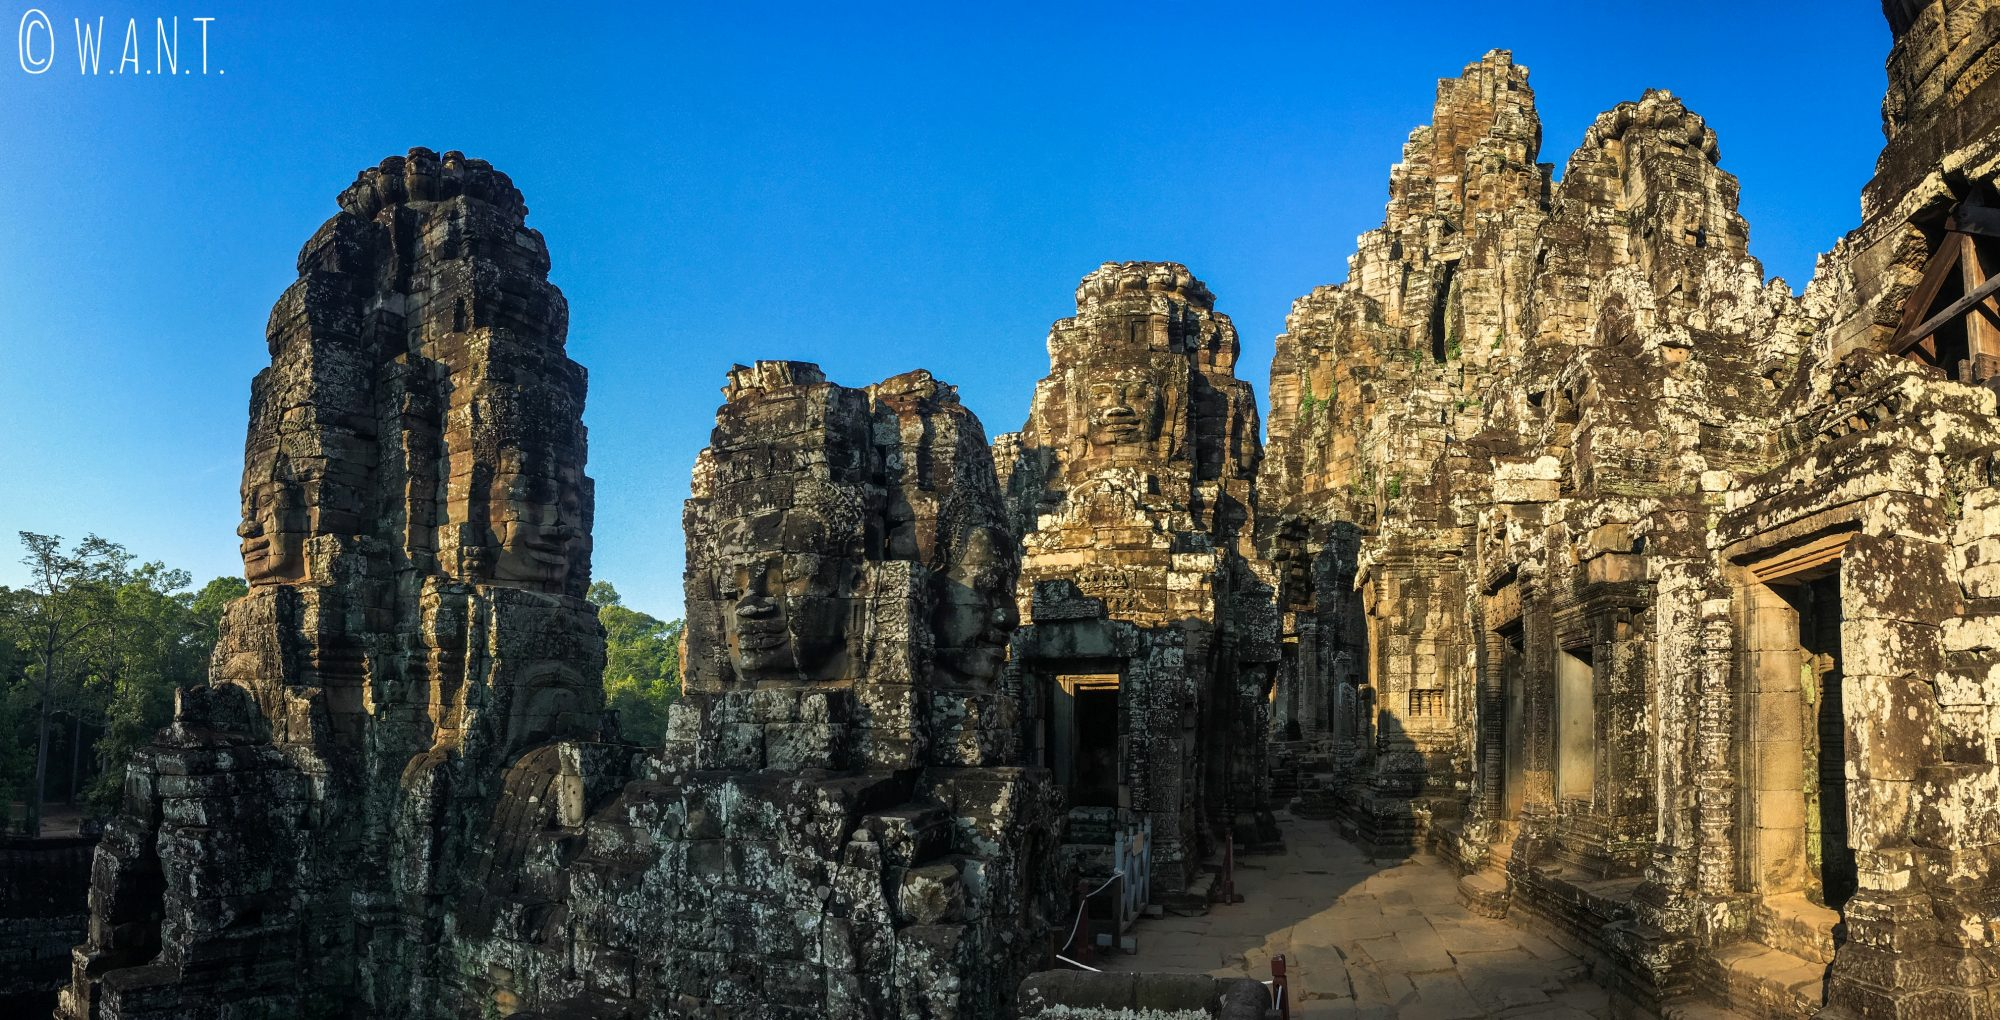 Panorama à l'intérieur du temple Bayon dans l'enceinte d'Angkor Thom